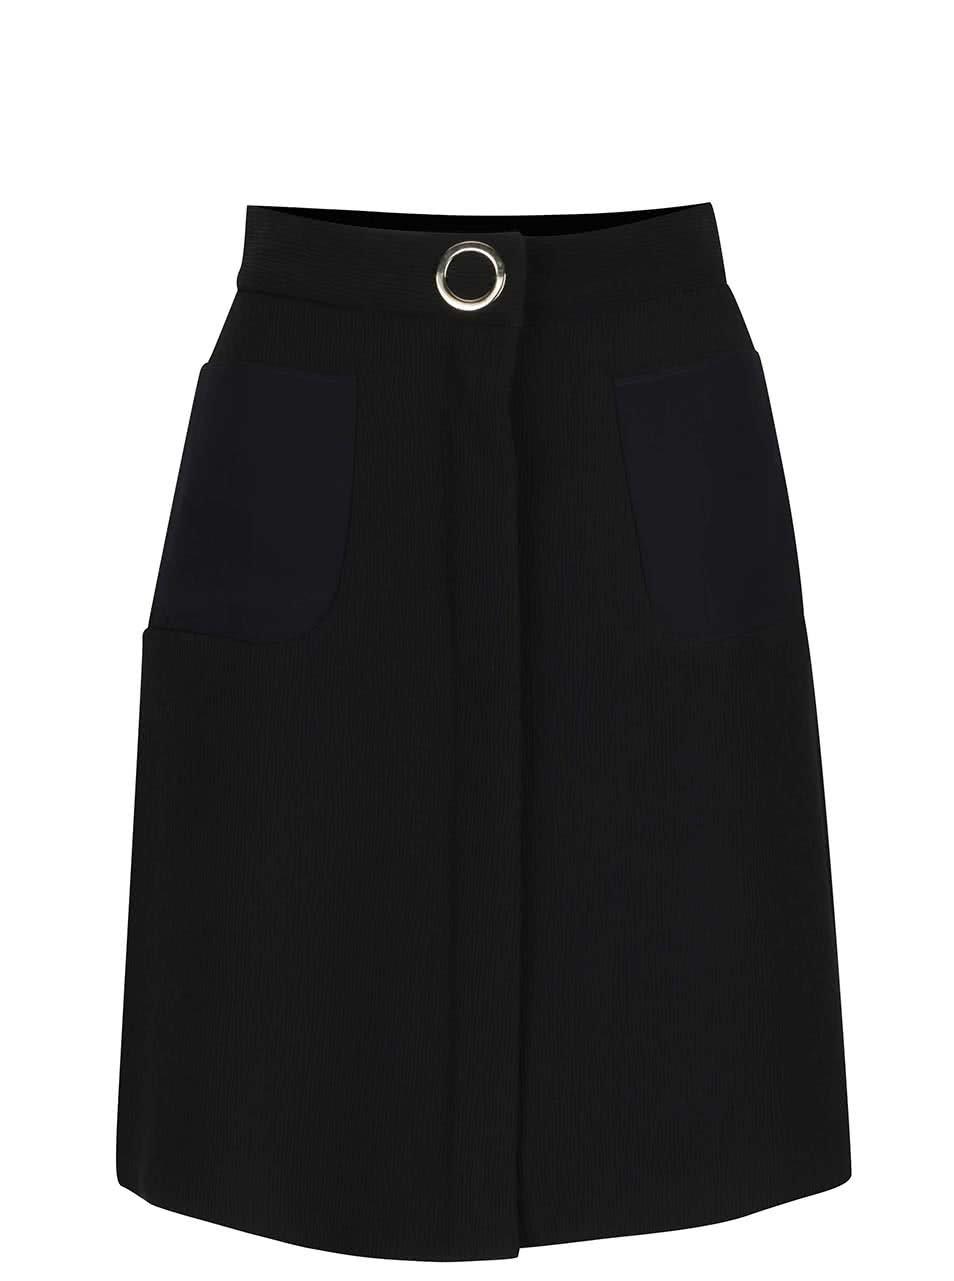 Černá sukně s kapsami a zipem Pietro Filipi